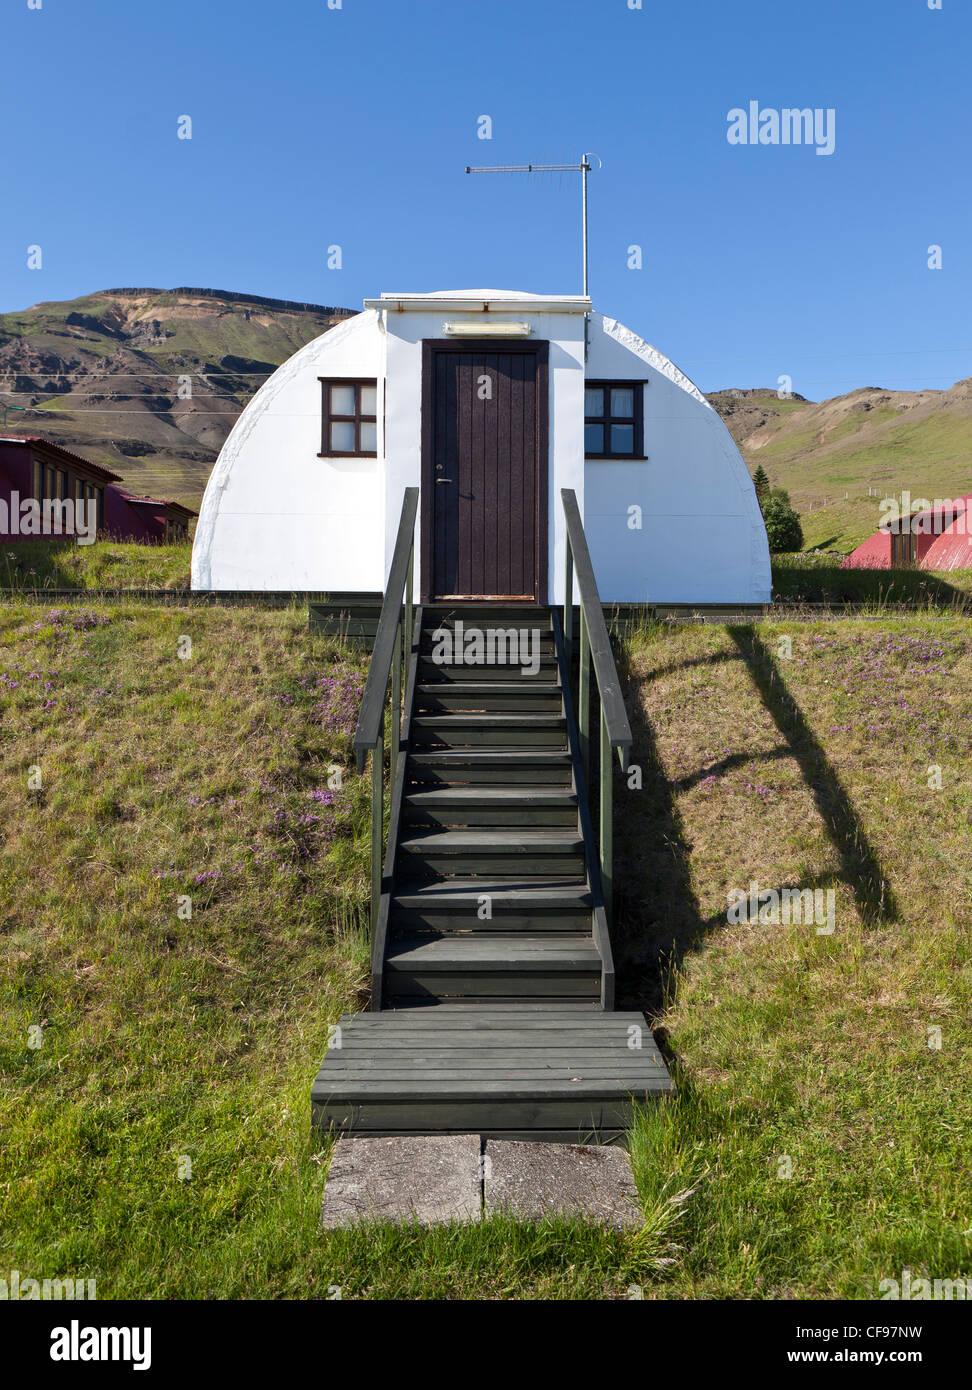 Ancienne caserne militaire transformée en maisons d'été, l'Islande, Hvalfjordur Photo Stock